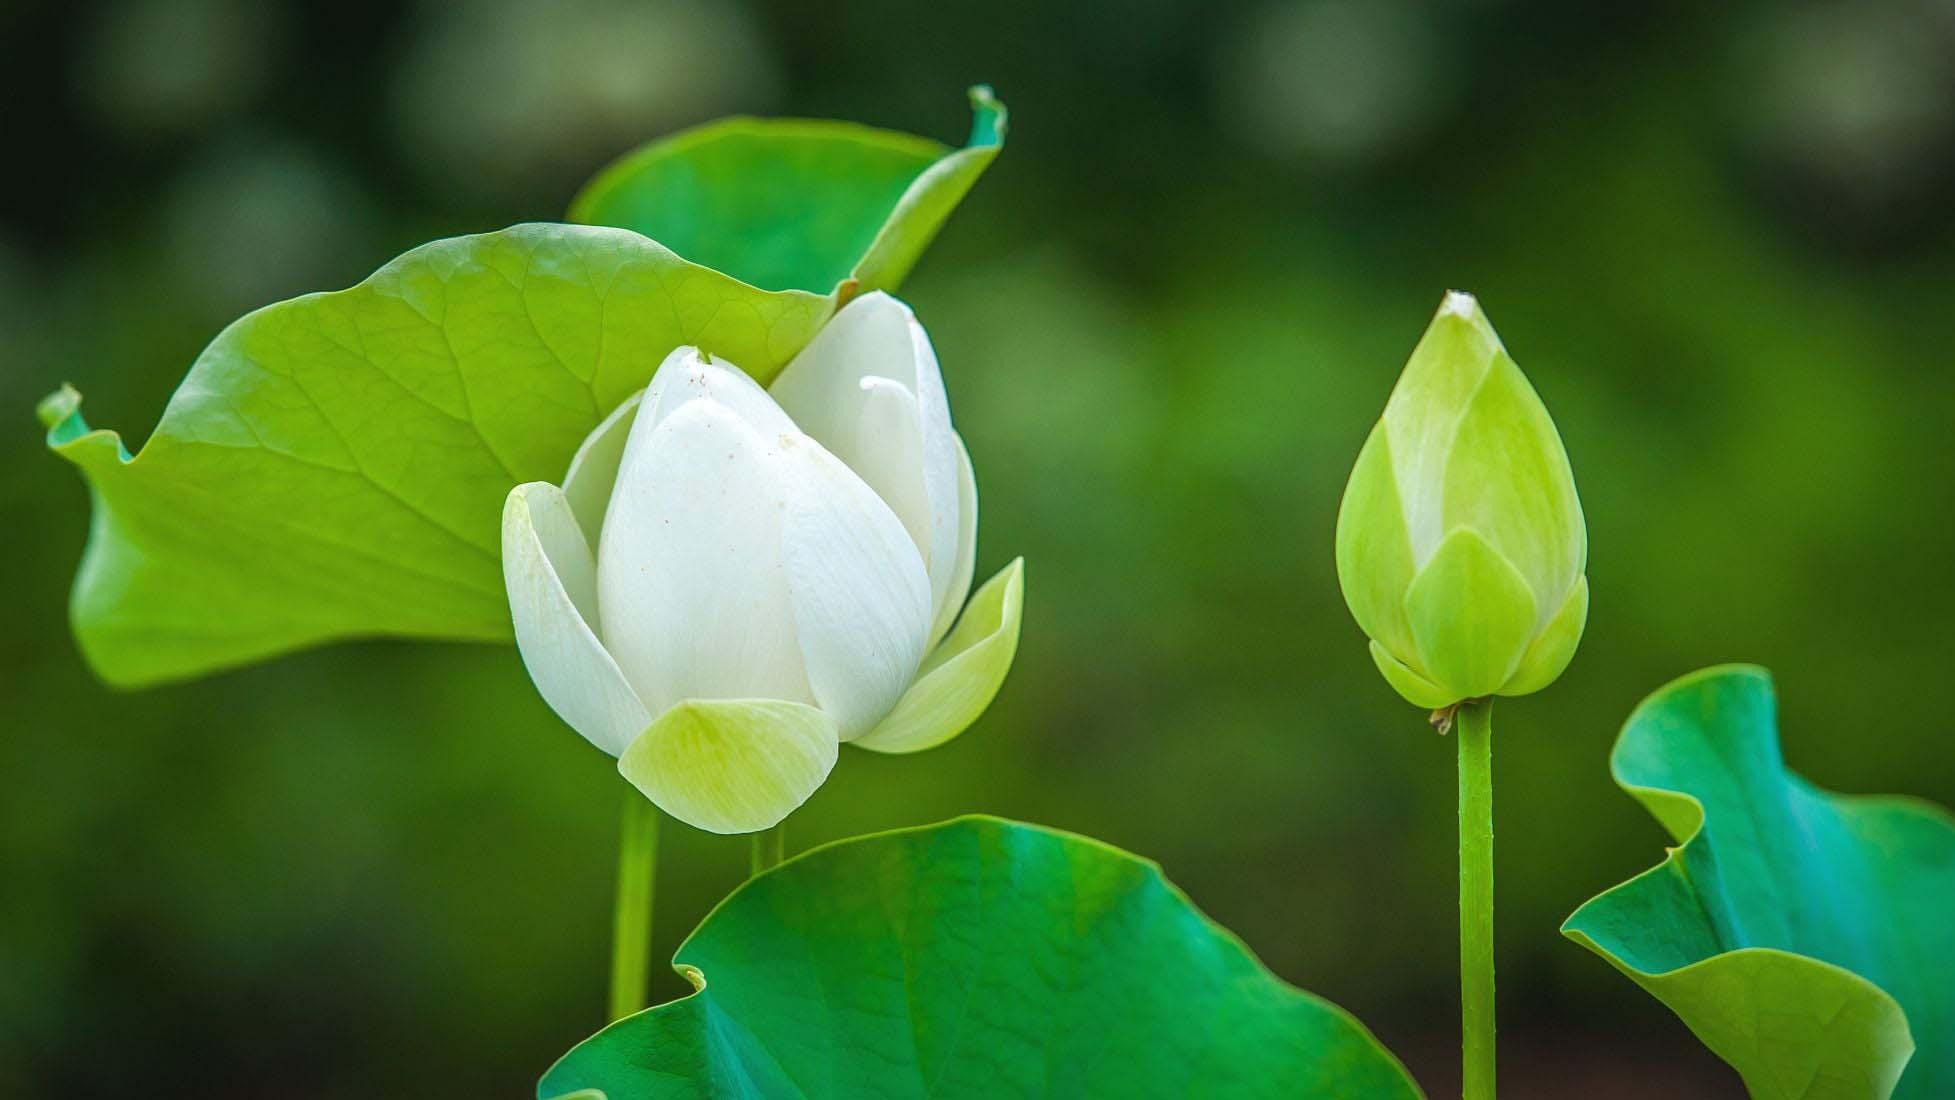 Hình ảnh hoa sen cực đẹp